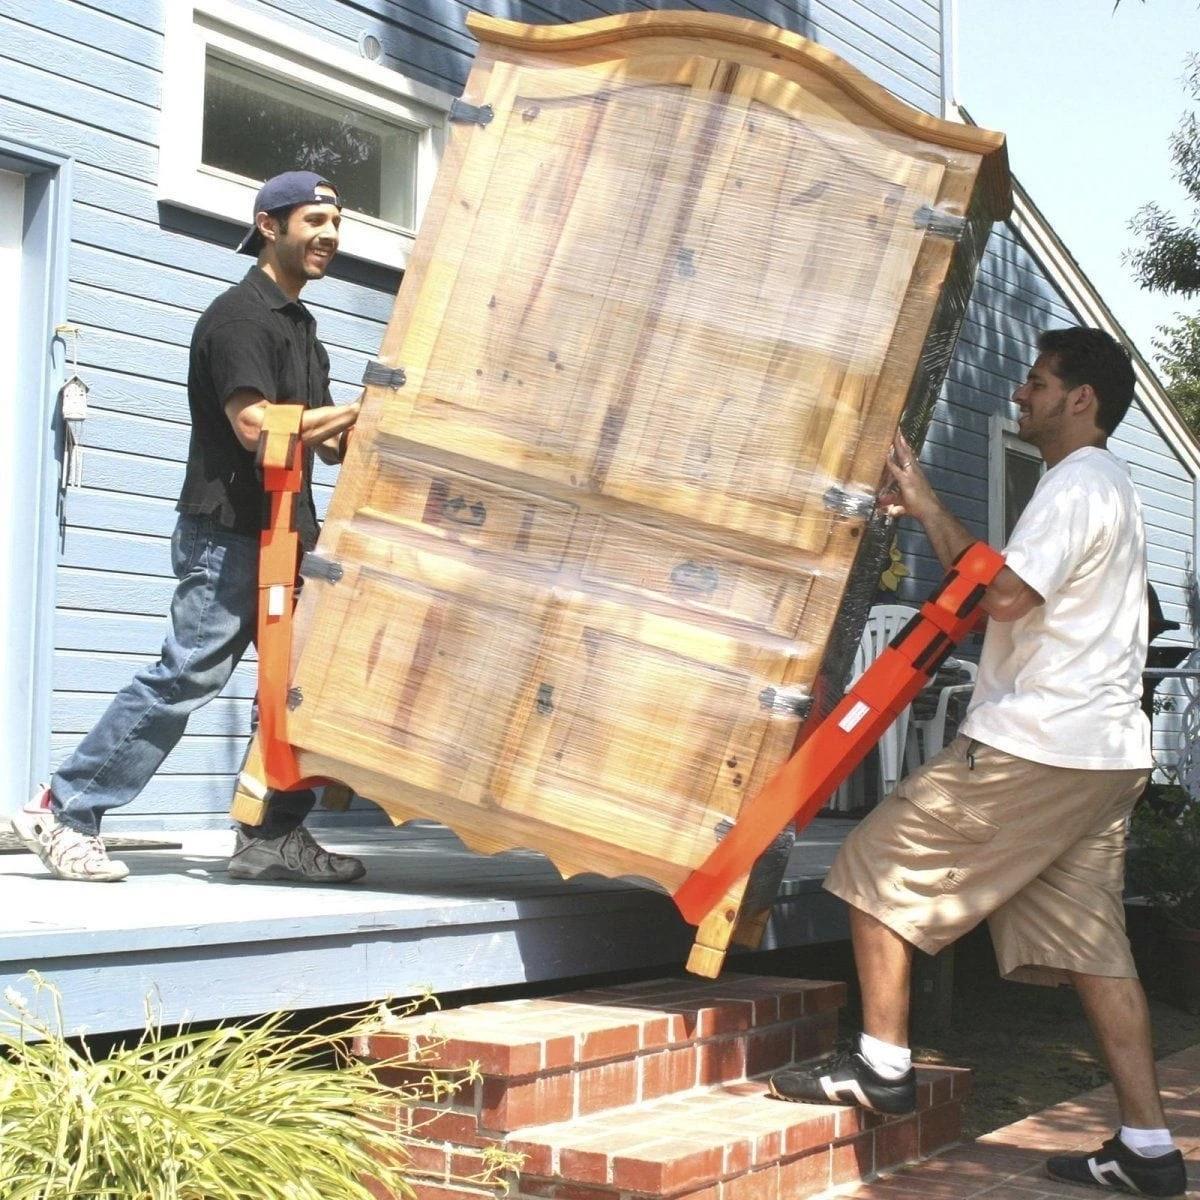 250kg Forearm Furniture Mover Strap Forklift Lifting and Moving Transport Belt In Shoulder Easier Carry Rope